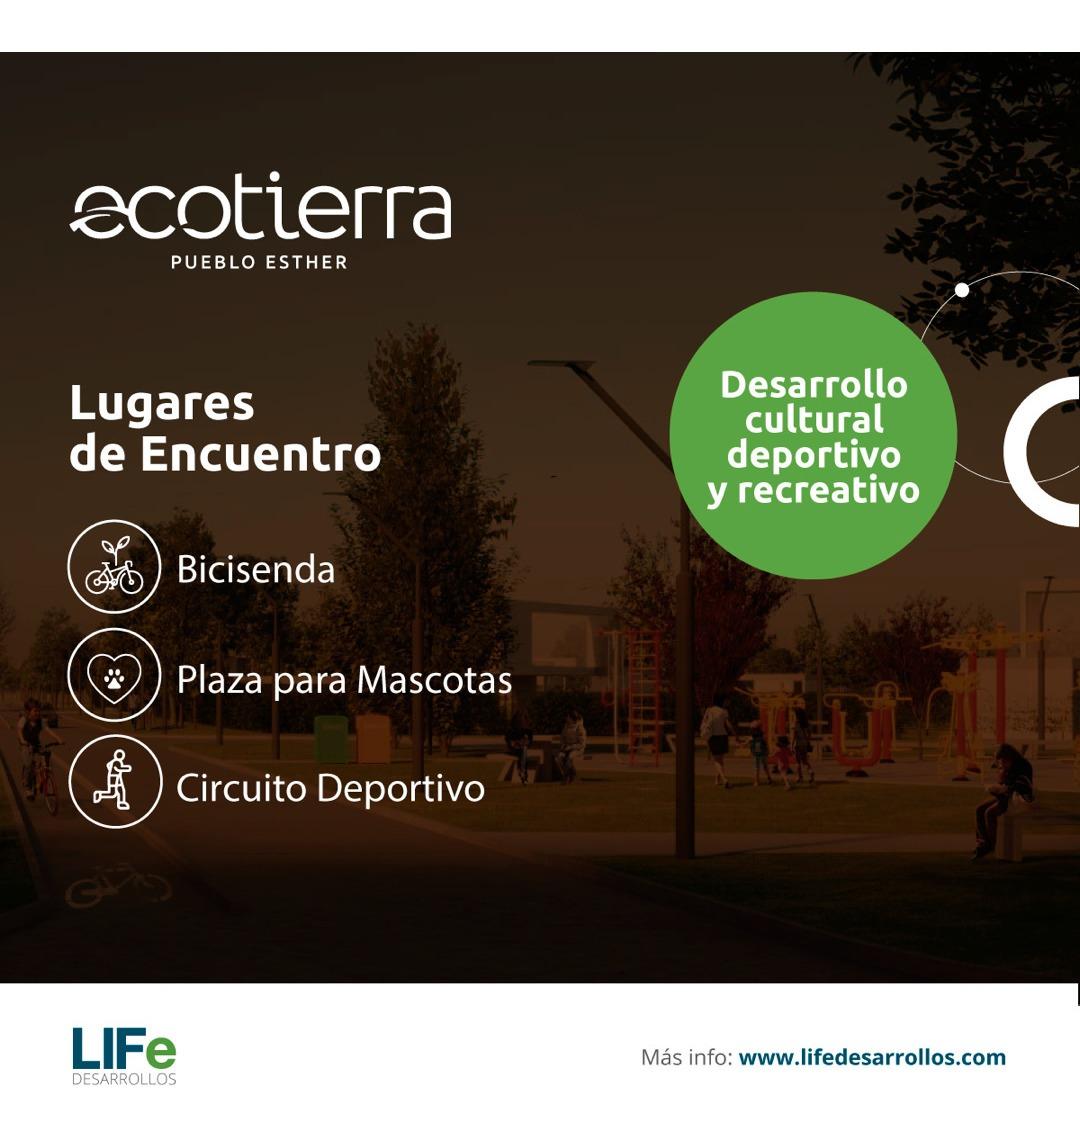 ecotierra - barrio de concepto sustentable para mejorar la calidad de vida de tu familia y mascotas